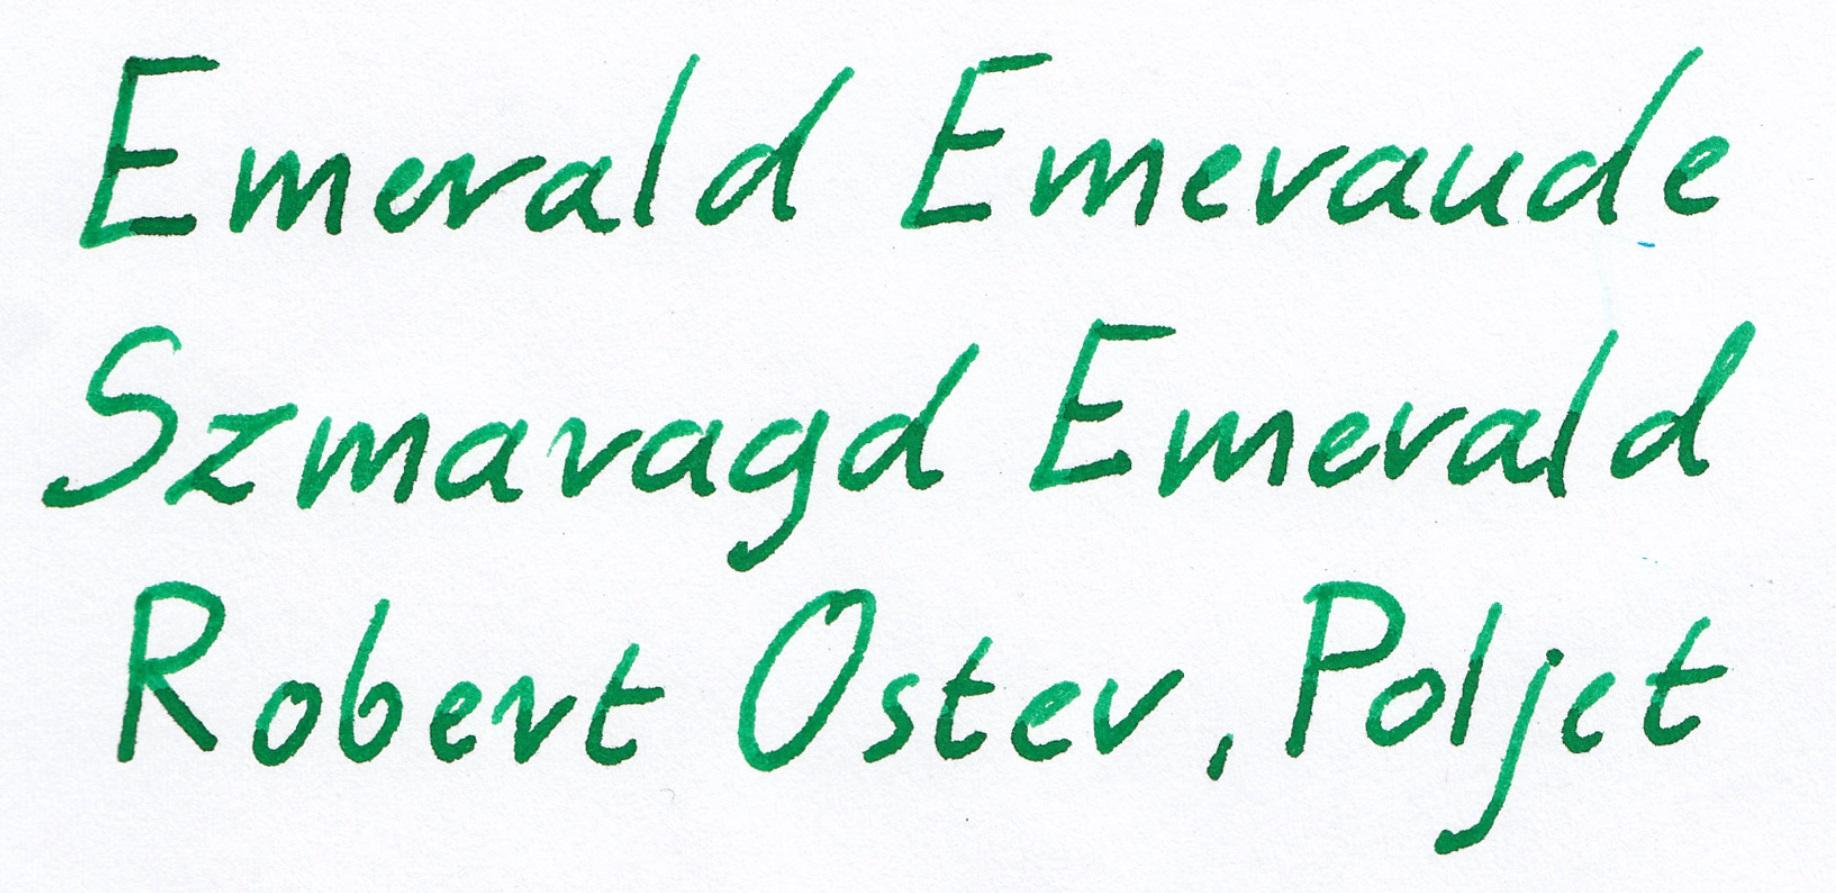 fpn_1465066348__emerald_oster_poljet.jpg